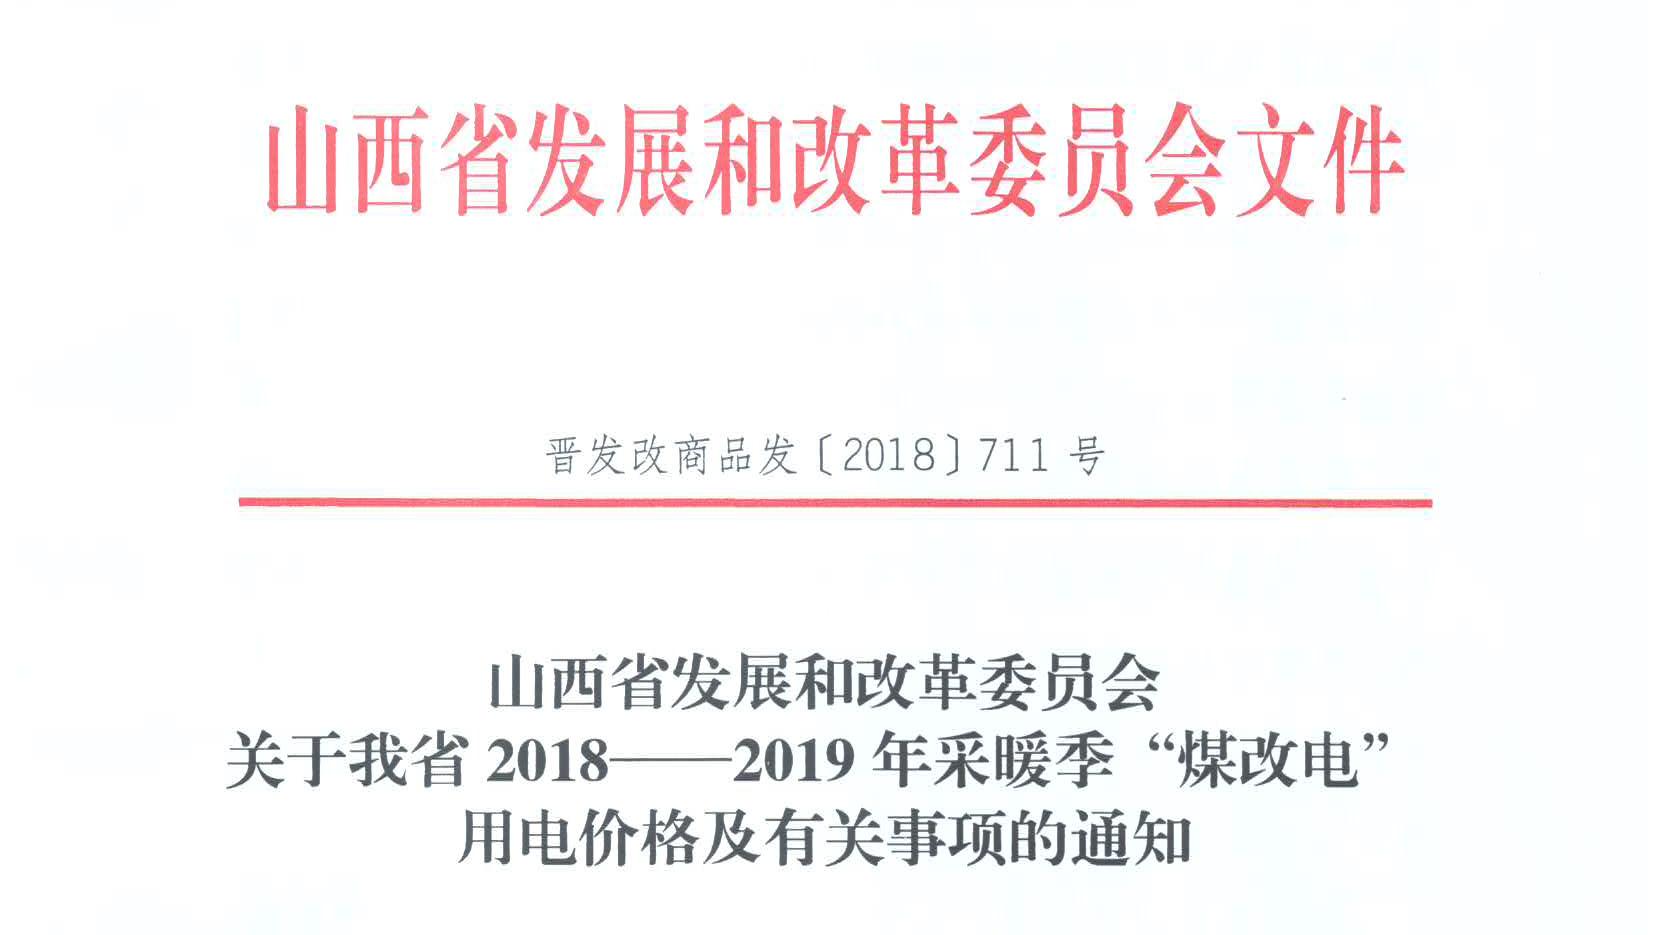 """山西省2018—2019年采暖季""""煤改电""""用电价格及有关事项的通知"""